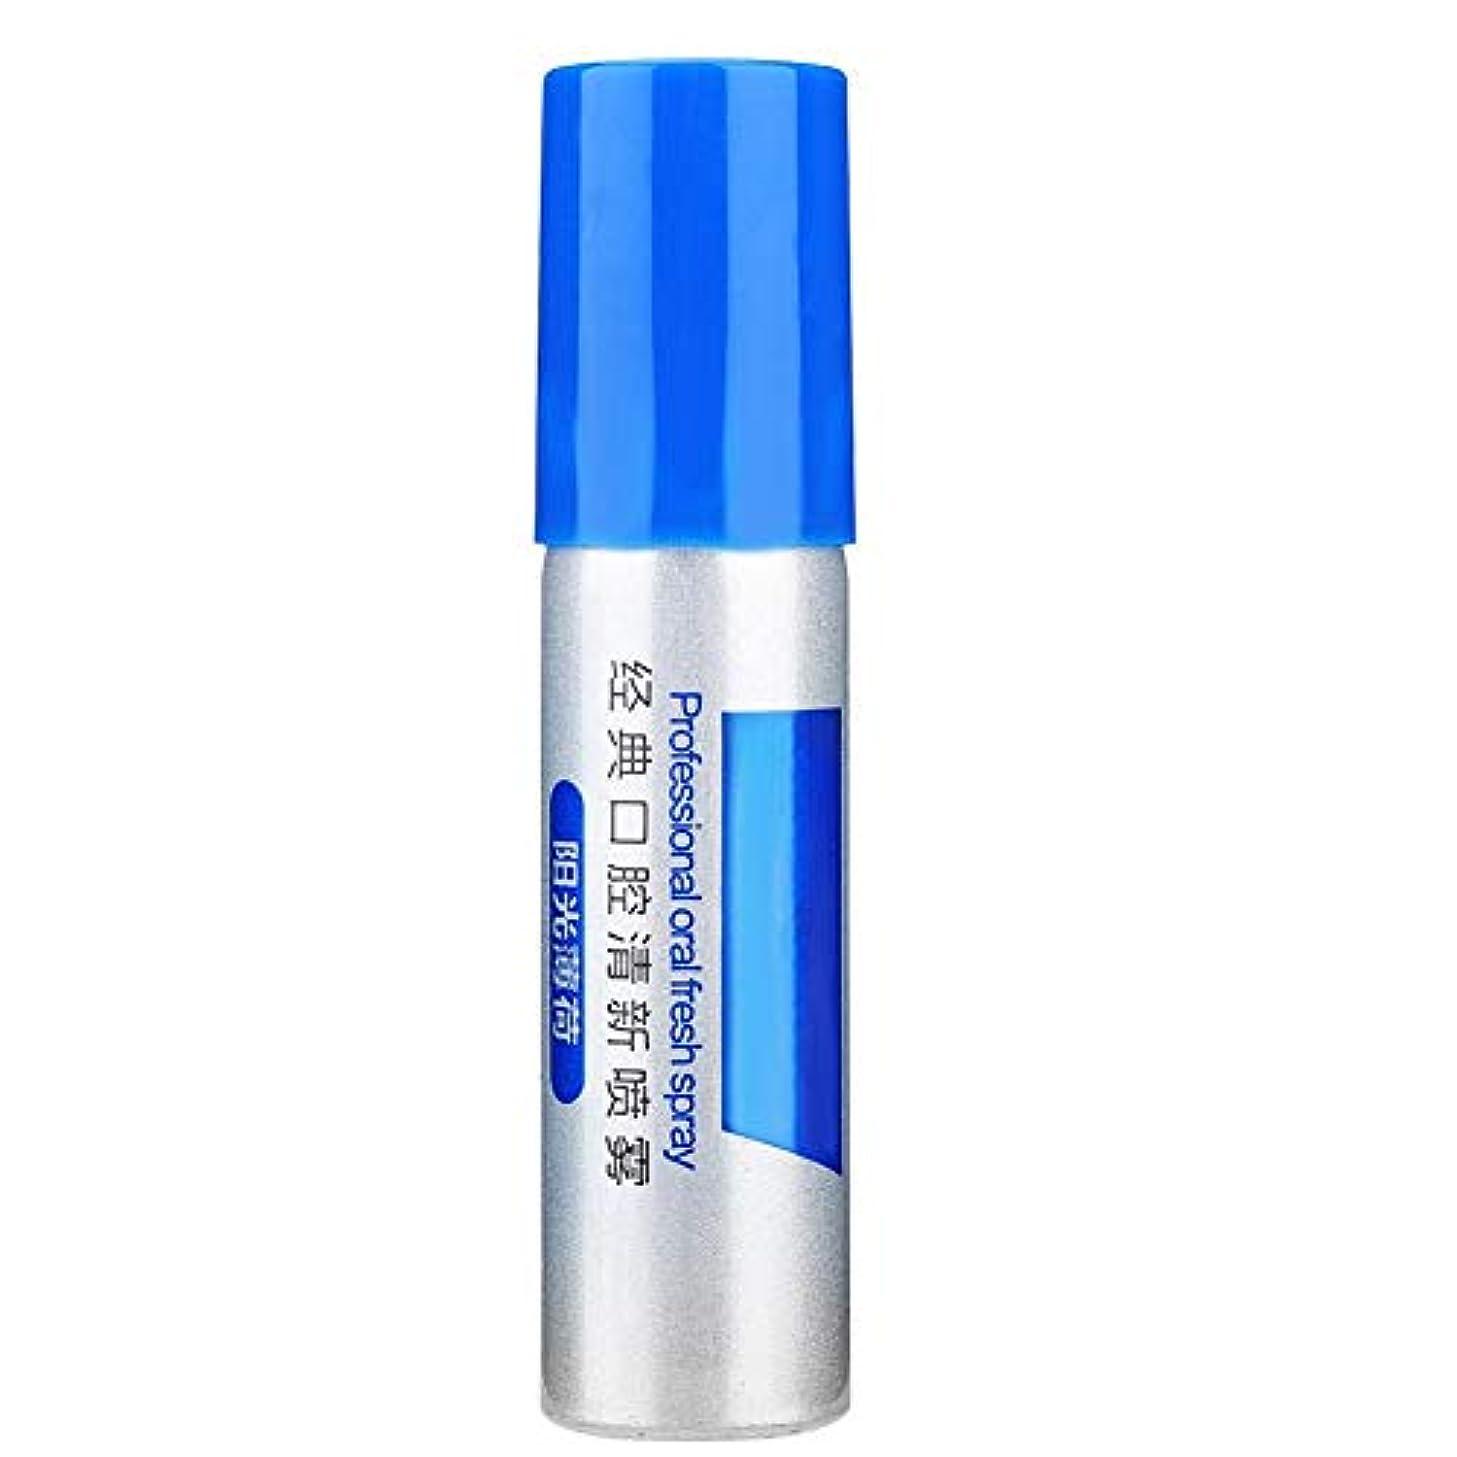 大量プラットフォーム忠実な口腔ケアクリーナー、持続性のあるタイプのフレッシュナーは、喫煙またはニンニクを食べることによって引き起こされる口臭を除去するのに適しています。(#4)